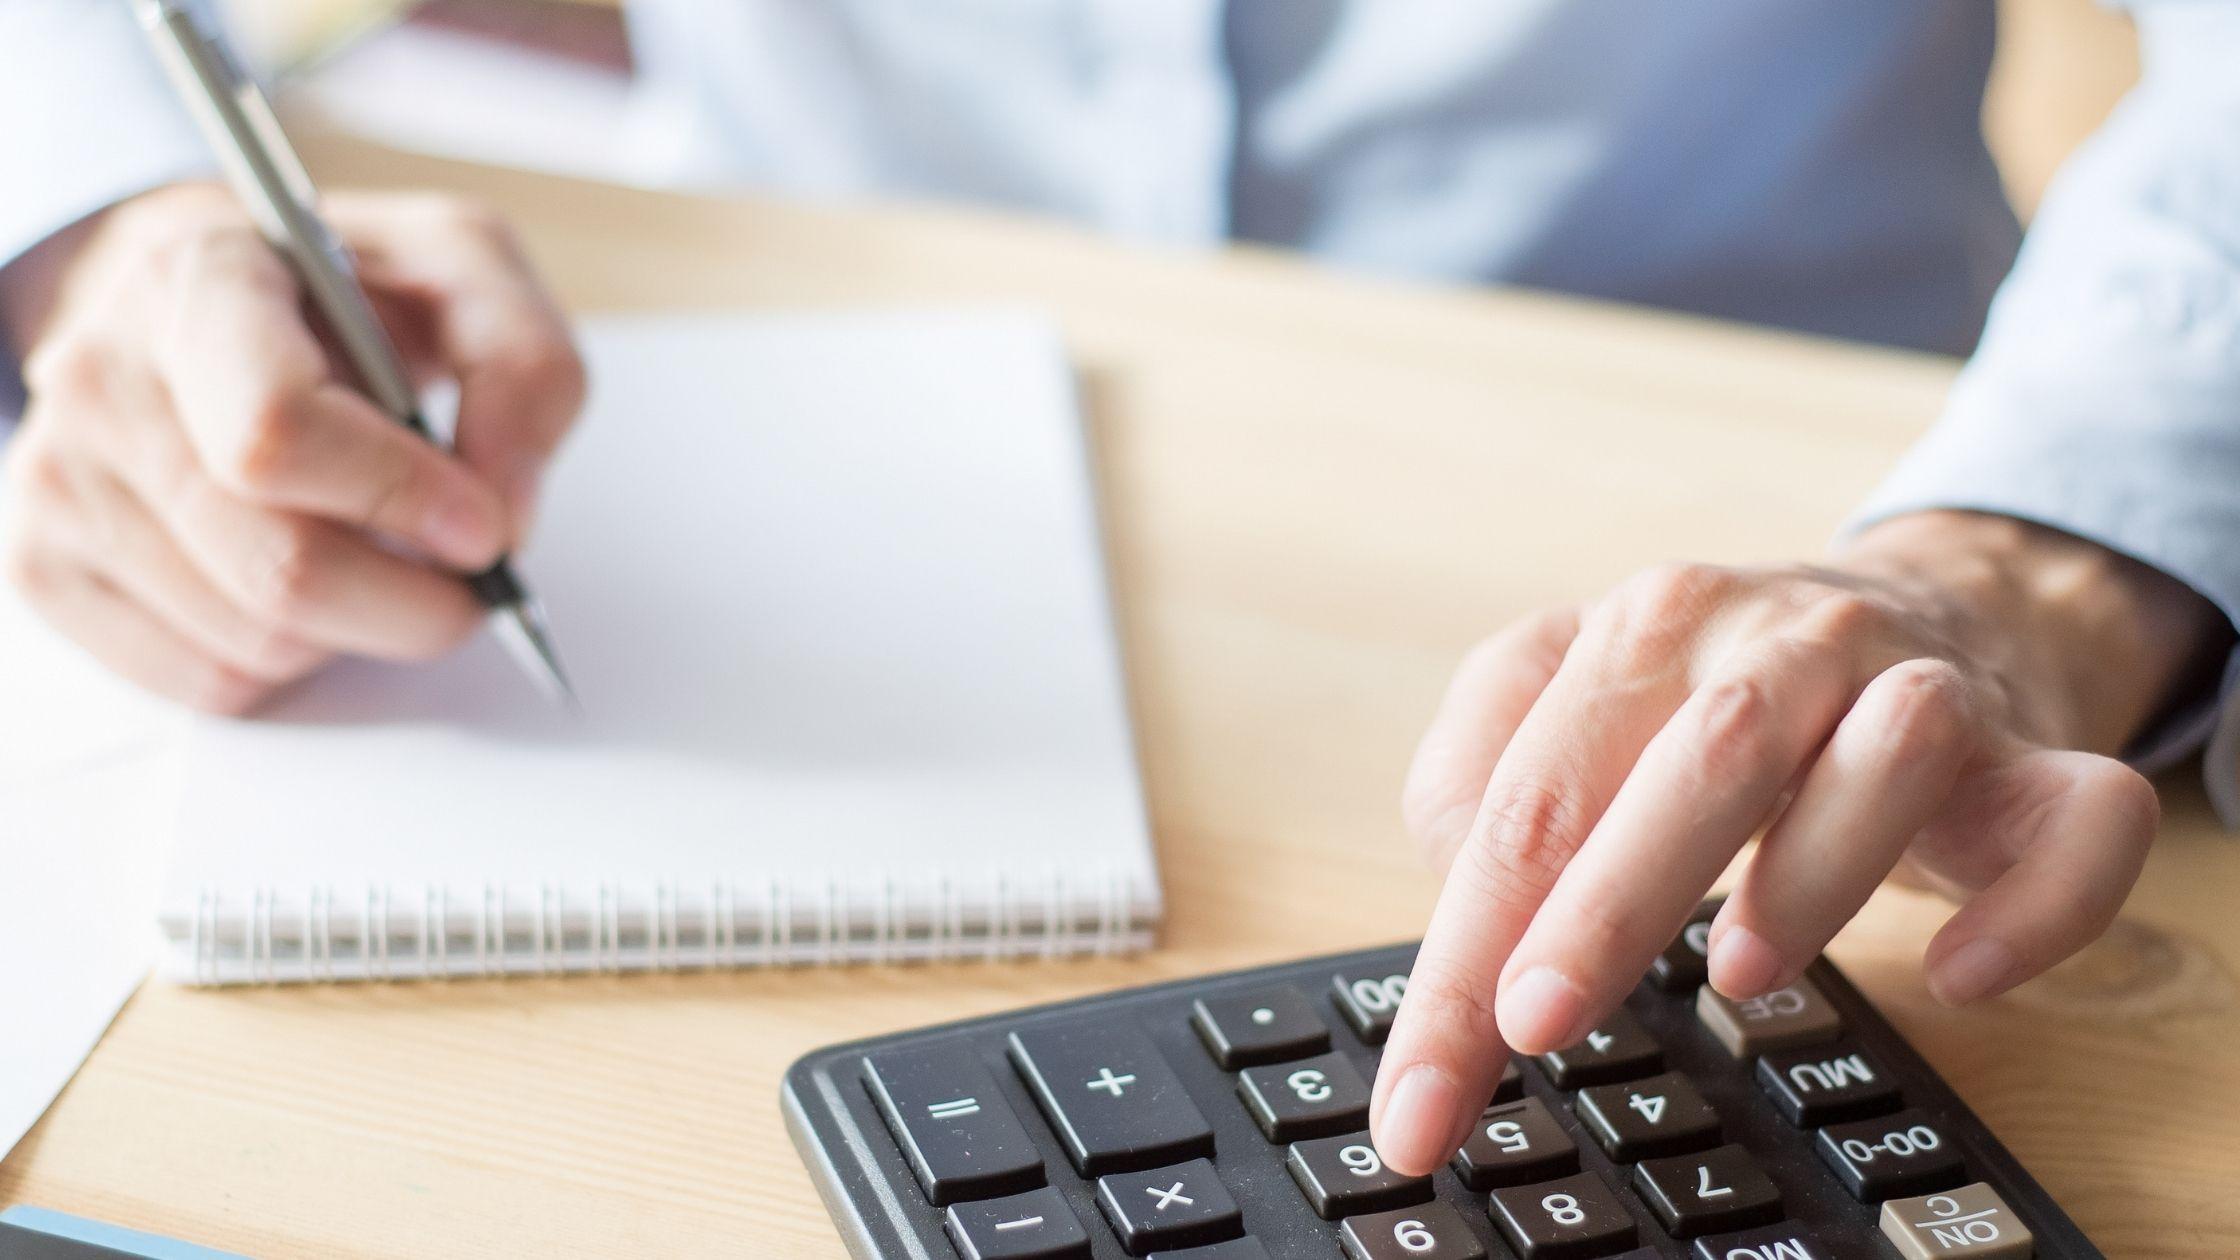 Hoe snel verdien je het laten maken van een online leeromgeving terug? - online leeromgeving/online academie laten maken en technische ondersteuning bij je online training/online programma/online cursus